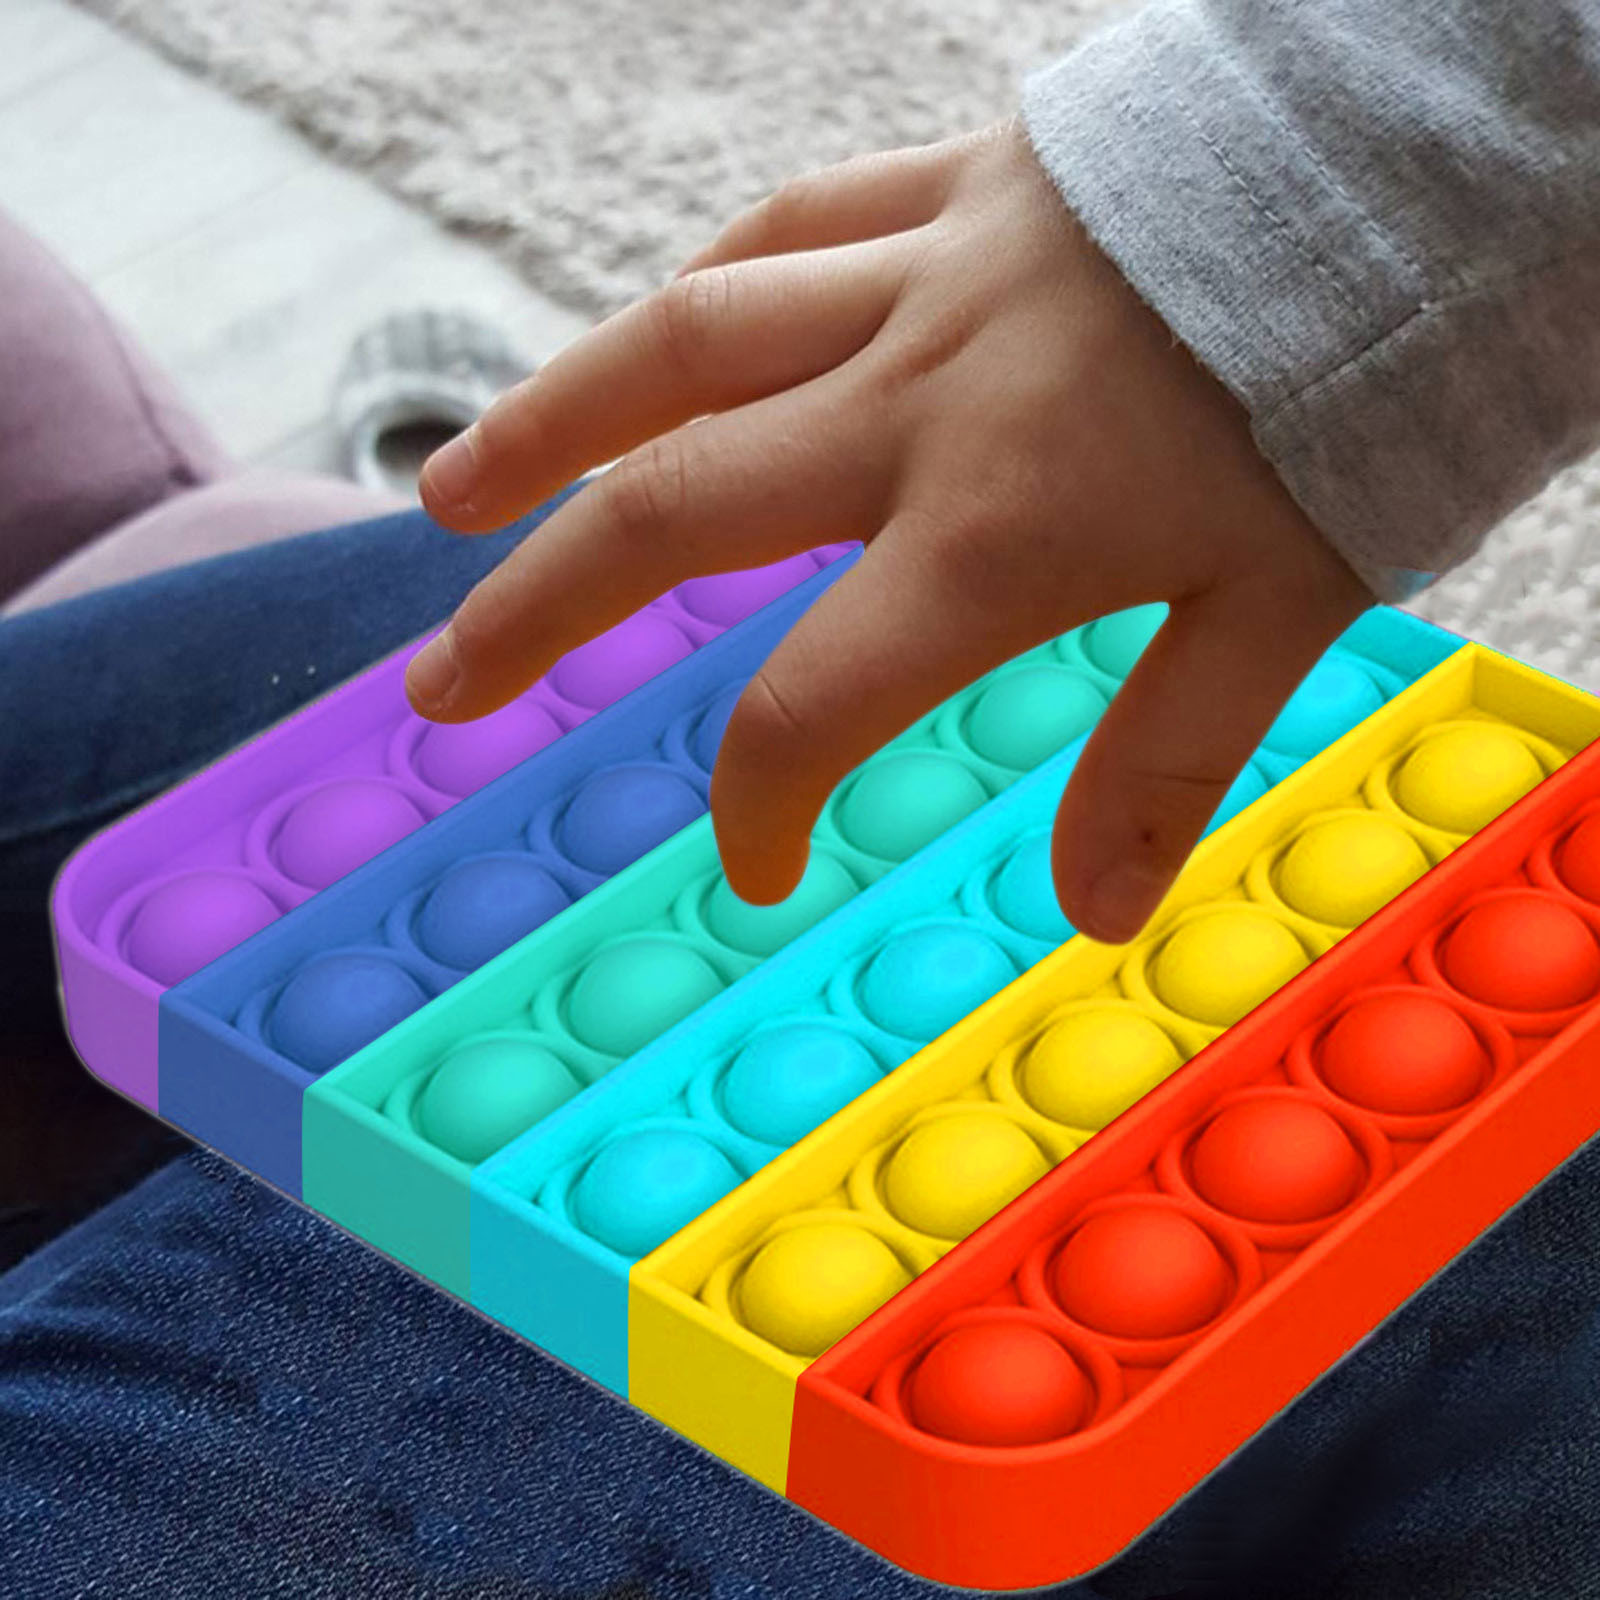 Пуш-ап Po p его пузырь сенсорная игрушка для аутистов потребности мягкие игрушки для снятия стресса для взрослых и детей Забавный nti-стресс Не...